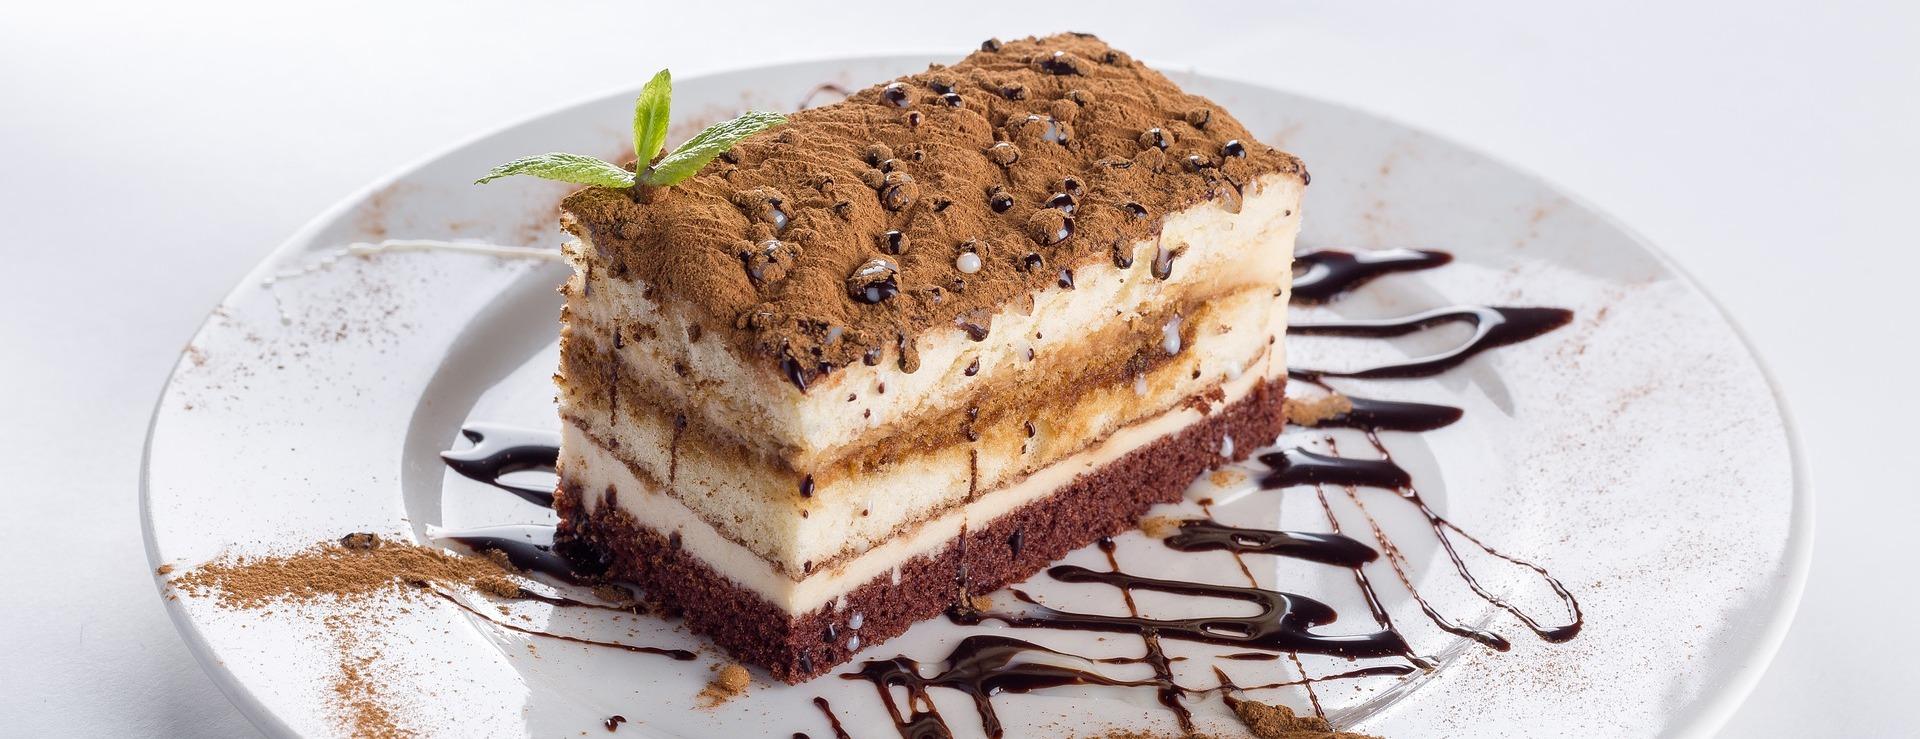 Best Desserts in Wilmington NC